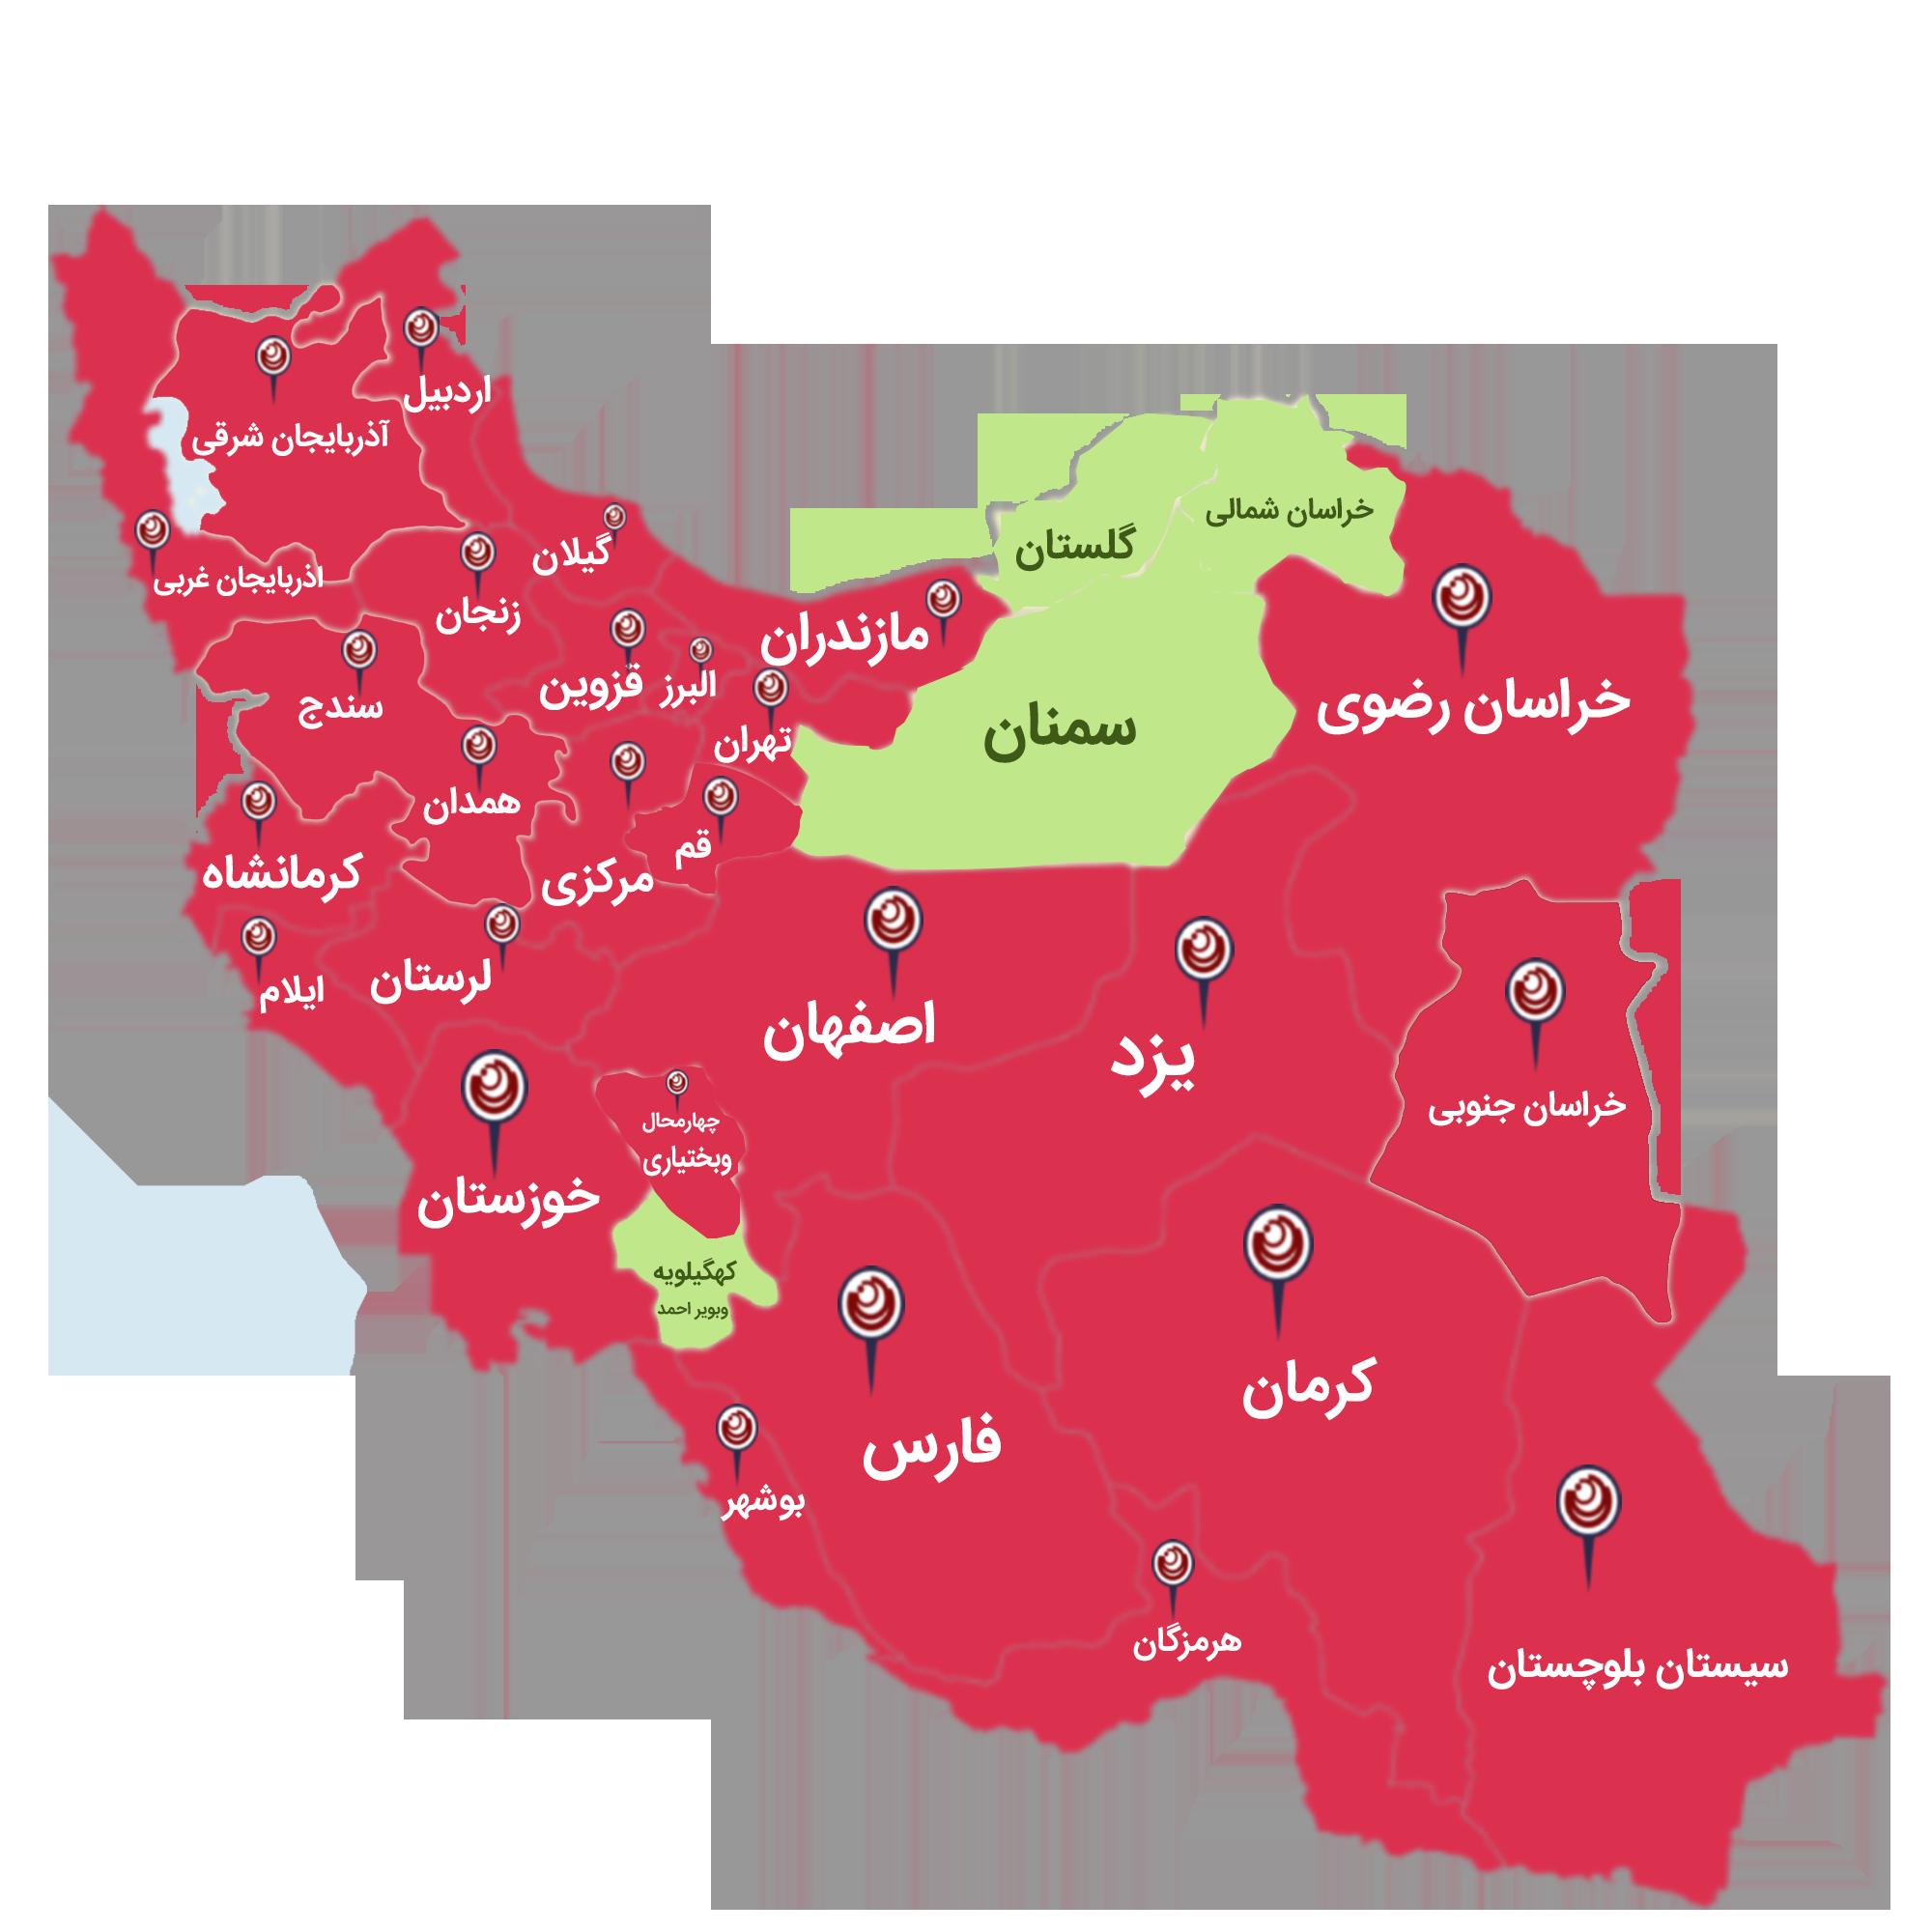 نقشه نرم افزار دایاموز در ایران